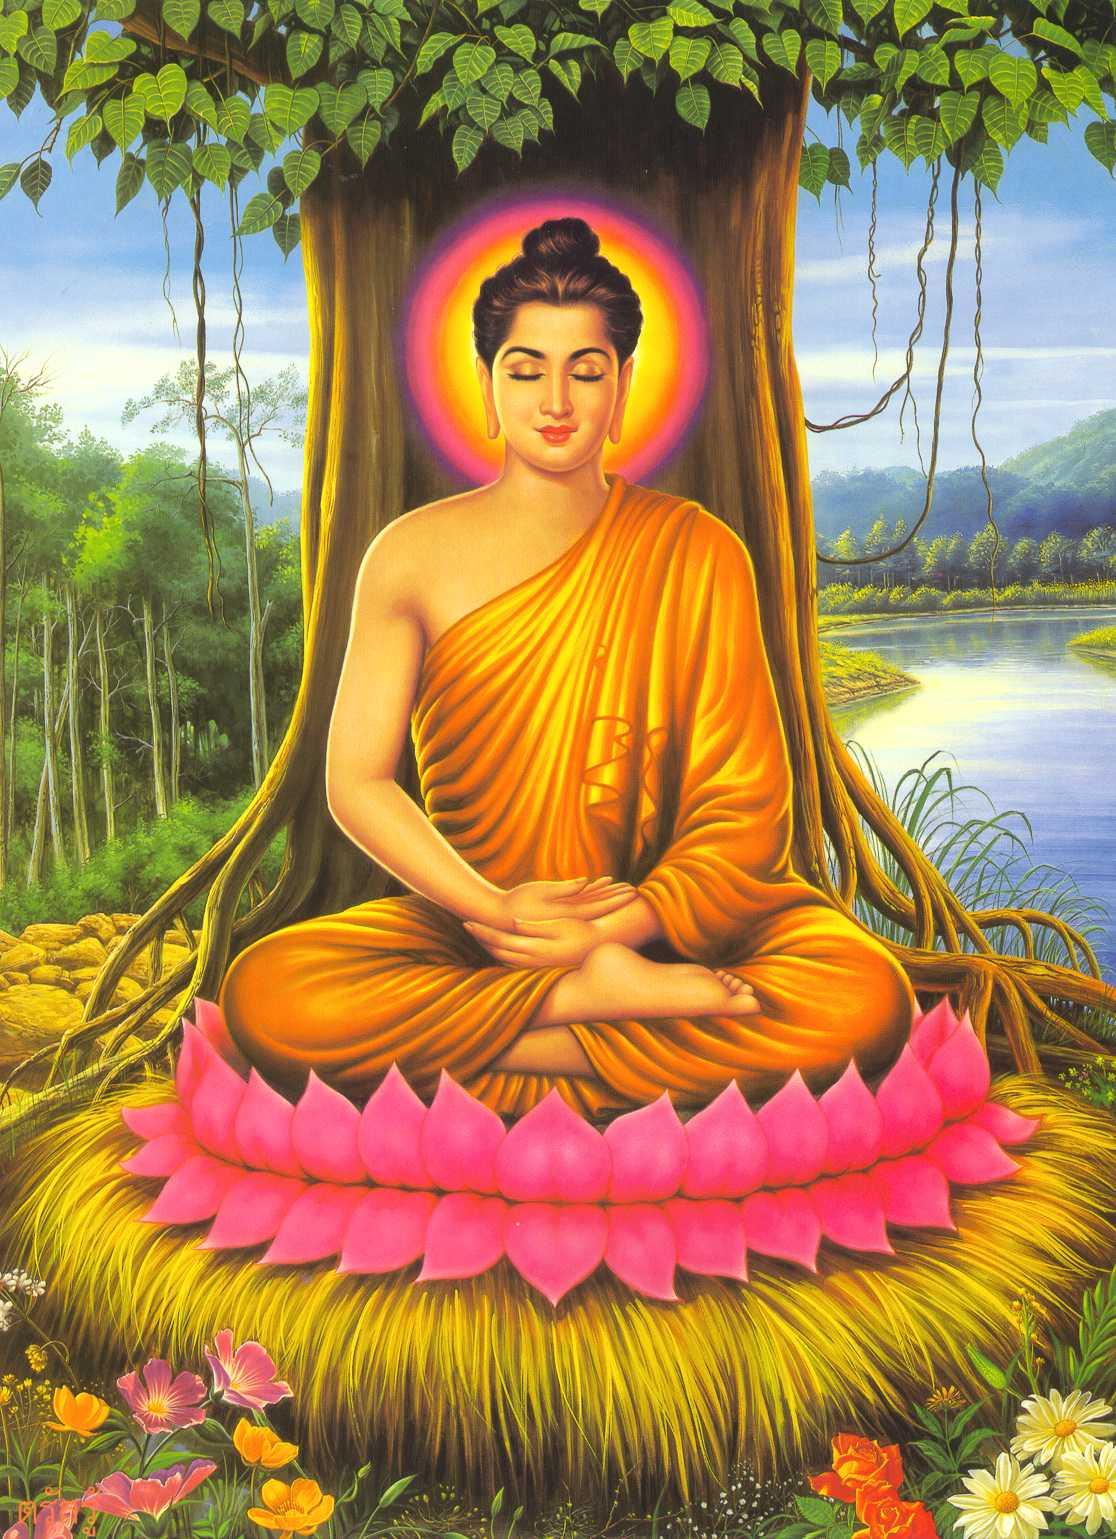 Exceptionnel Image de Bouddha - Bouddhiste LH98